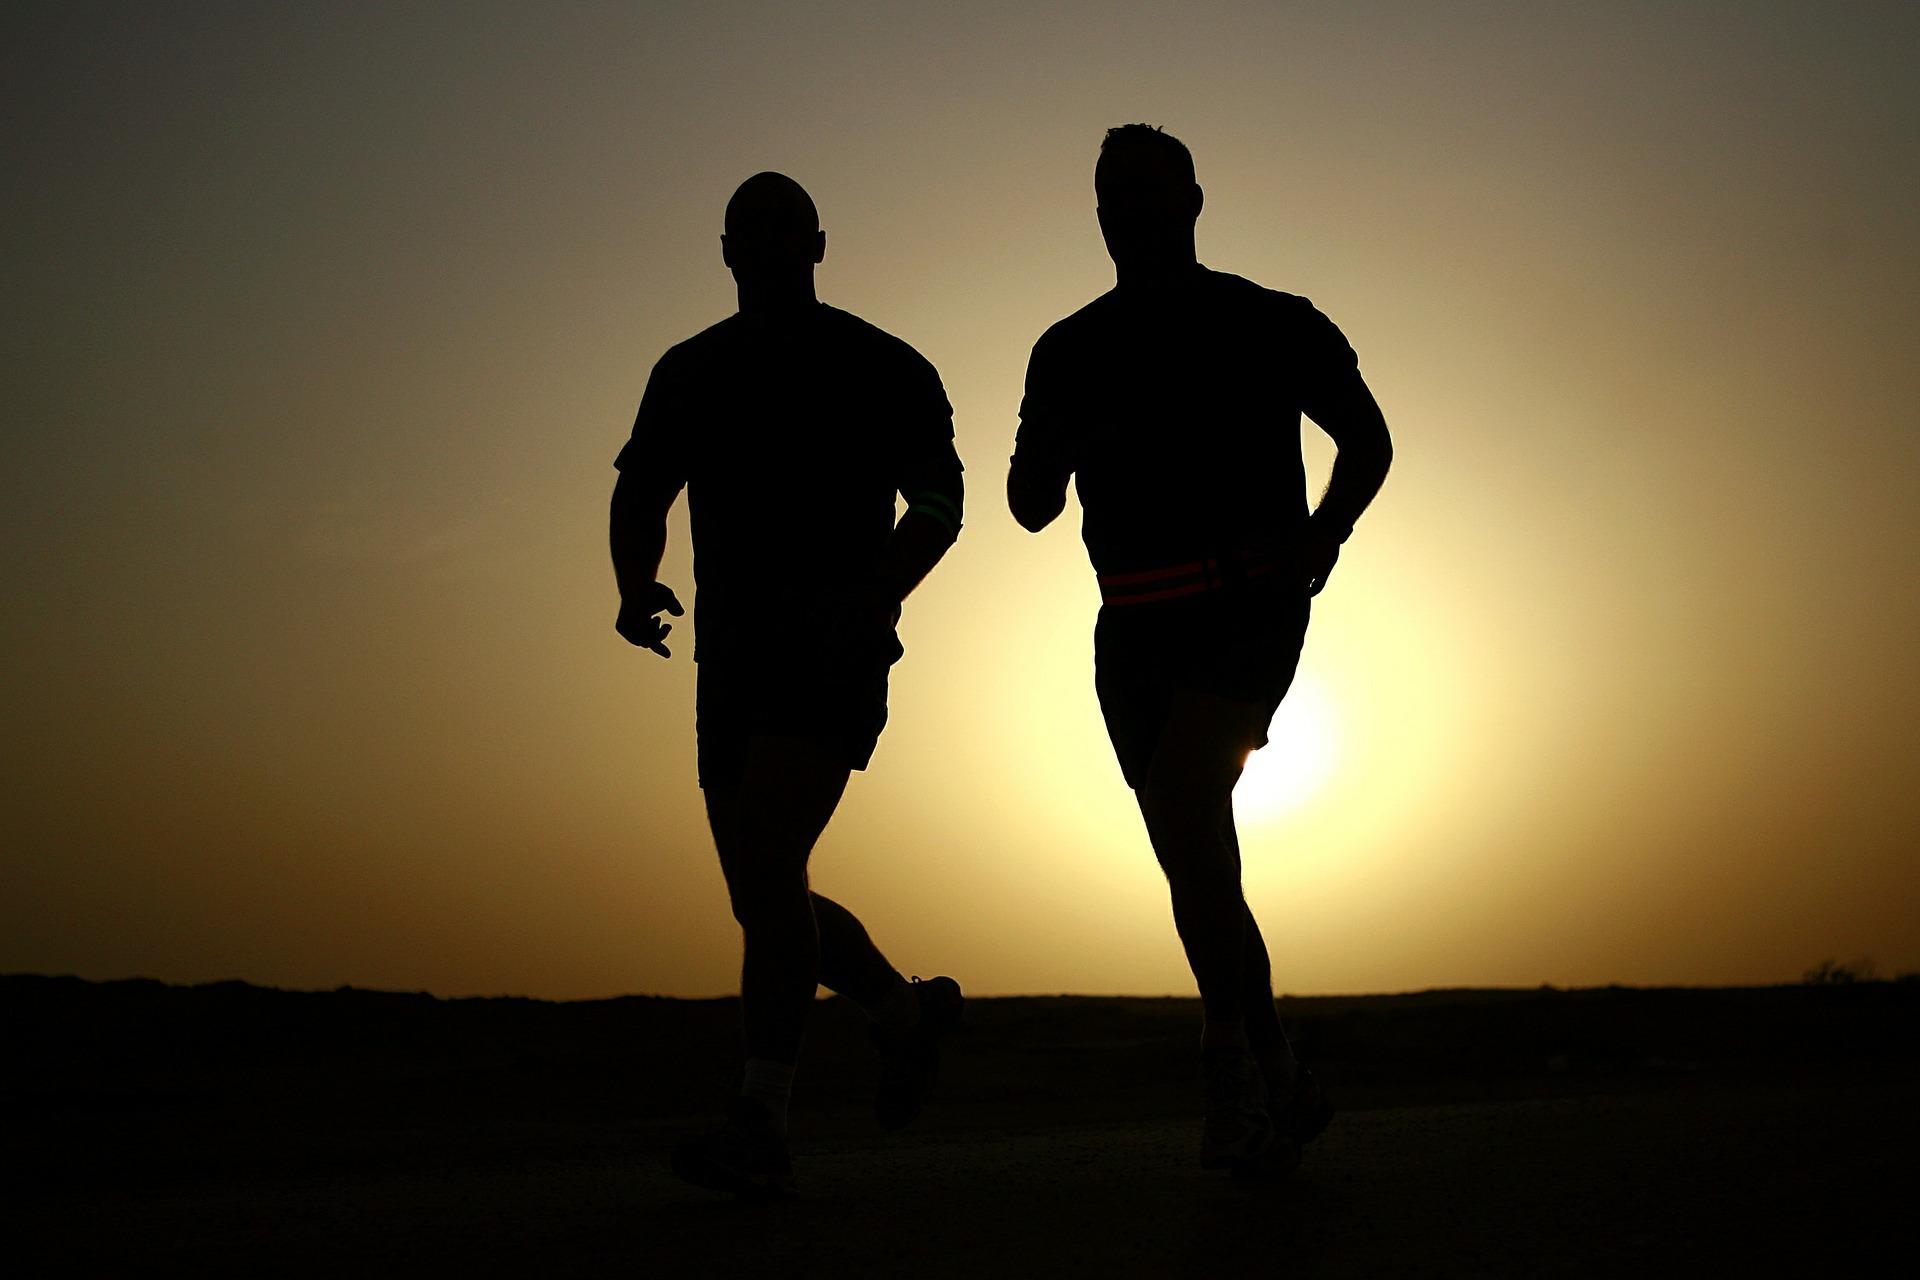 Apple Здоровье против Samsung Health: какой фитнес-сервис лучше для вас